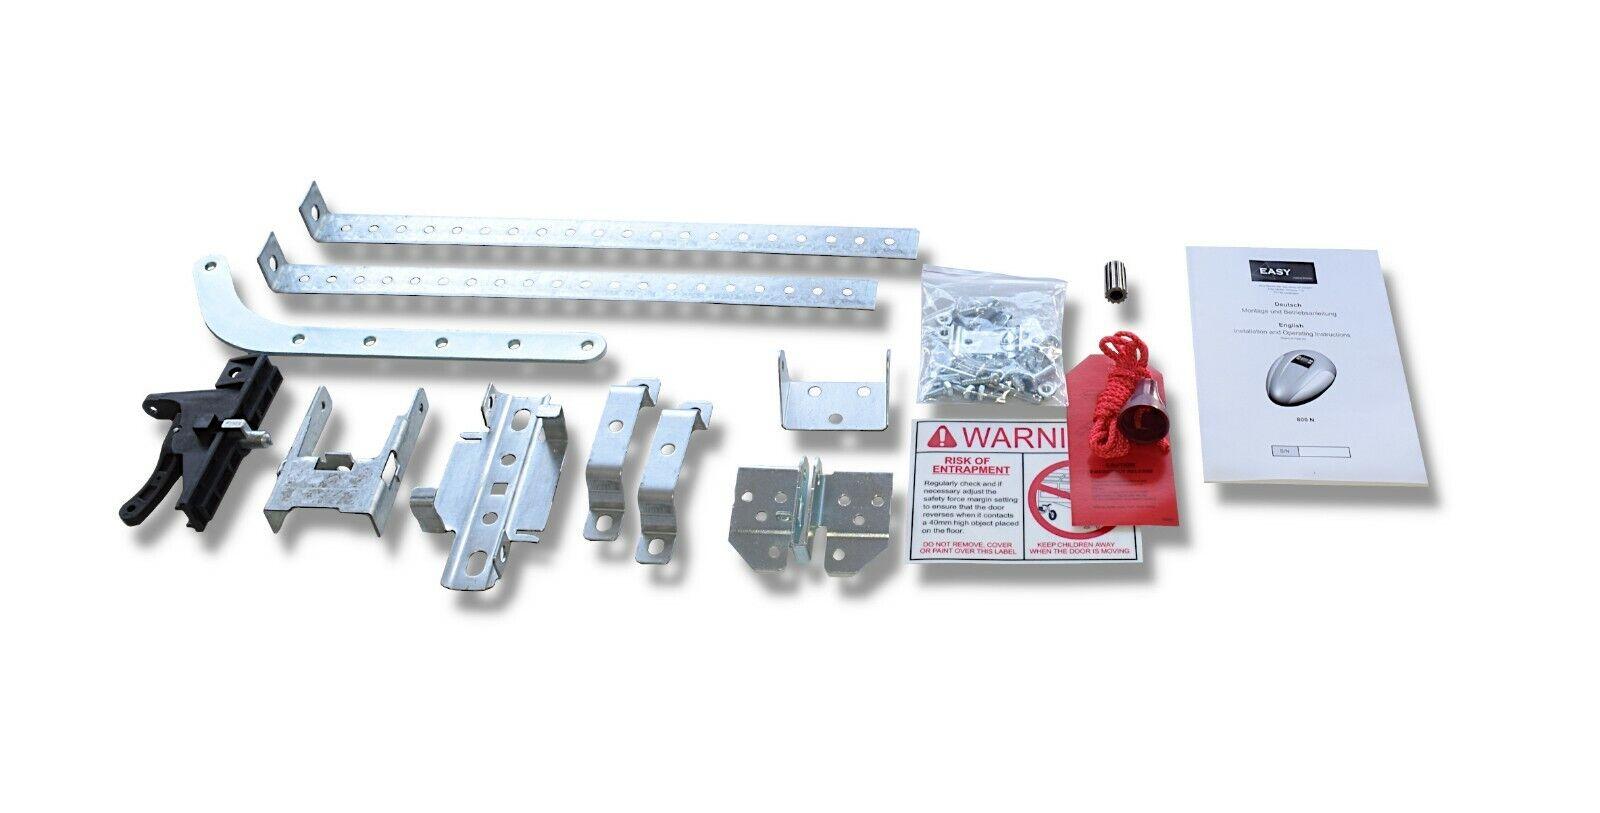 Garagentorantrieb mit Schiene und zwei Handsender Torantriebe Garagentormotor